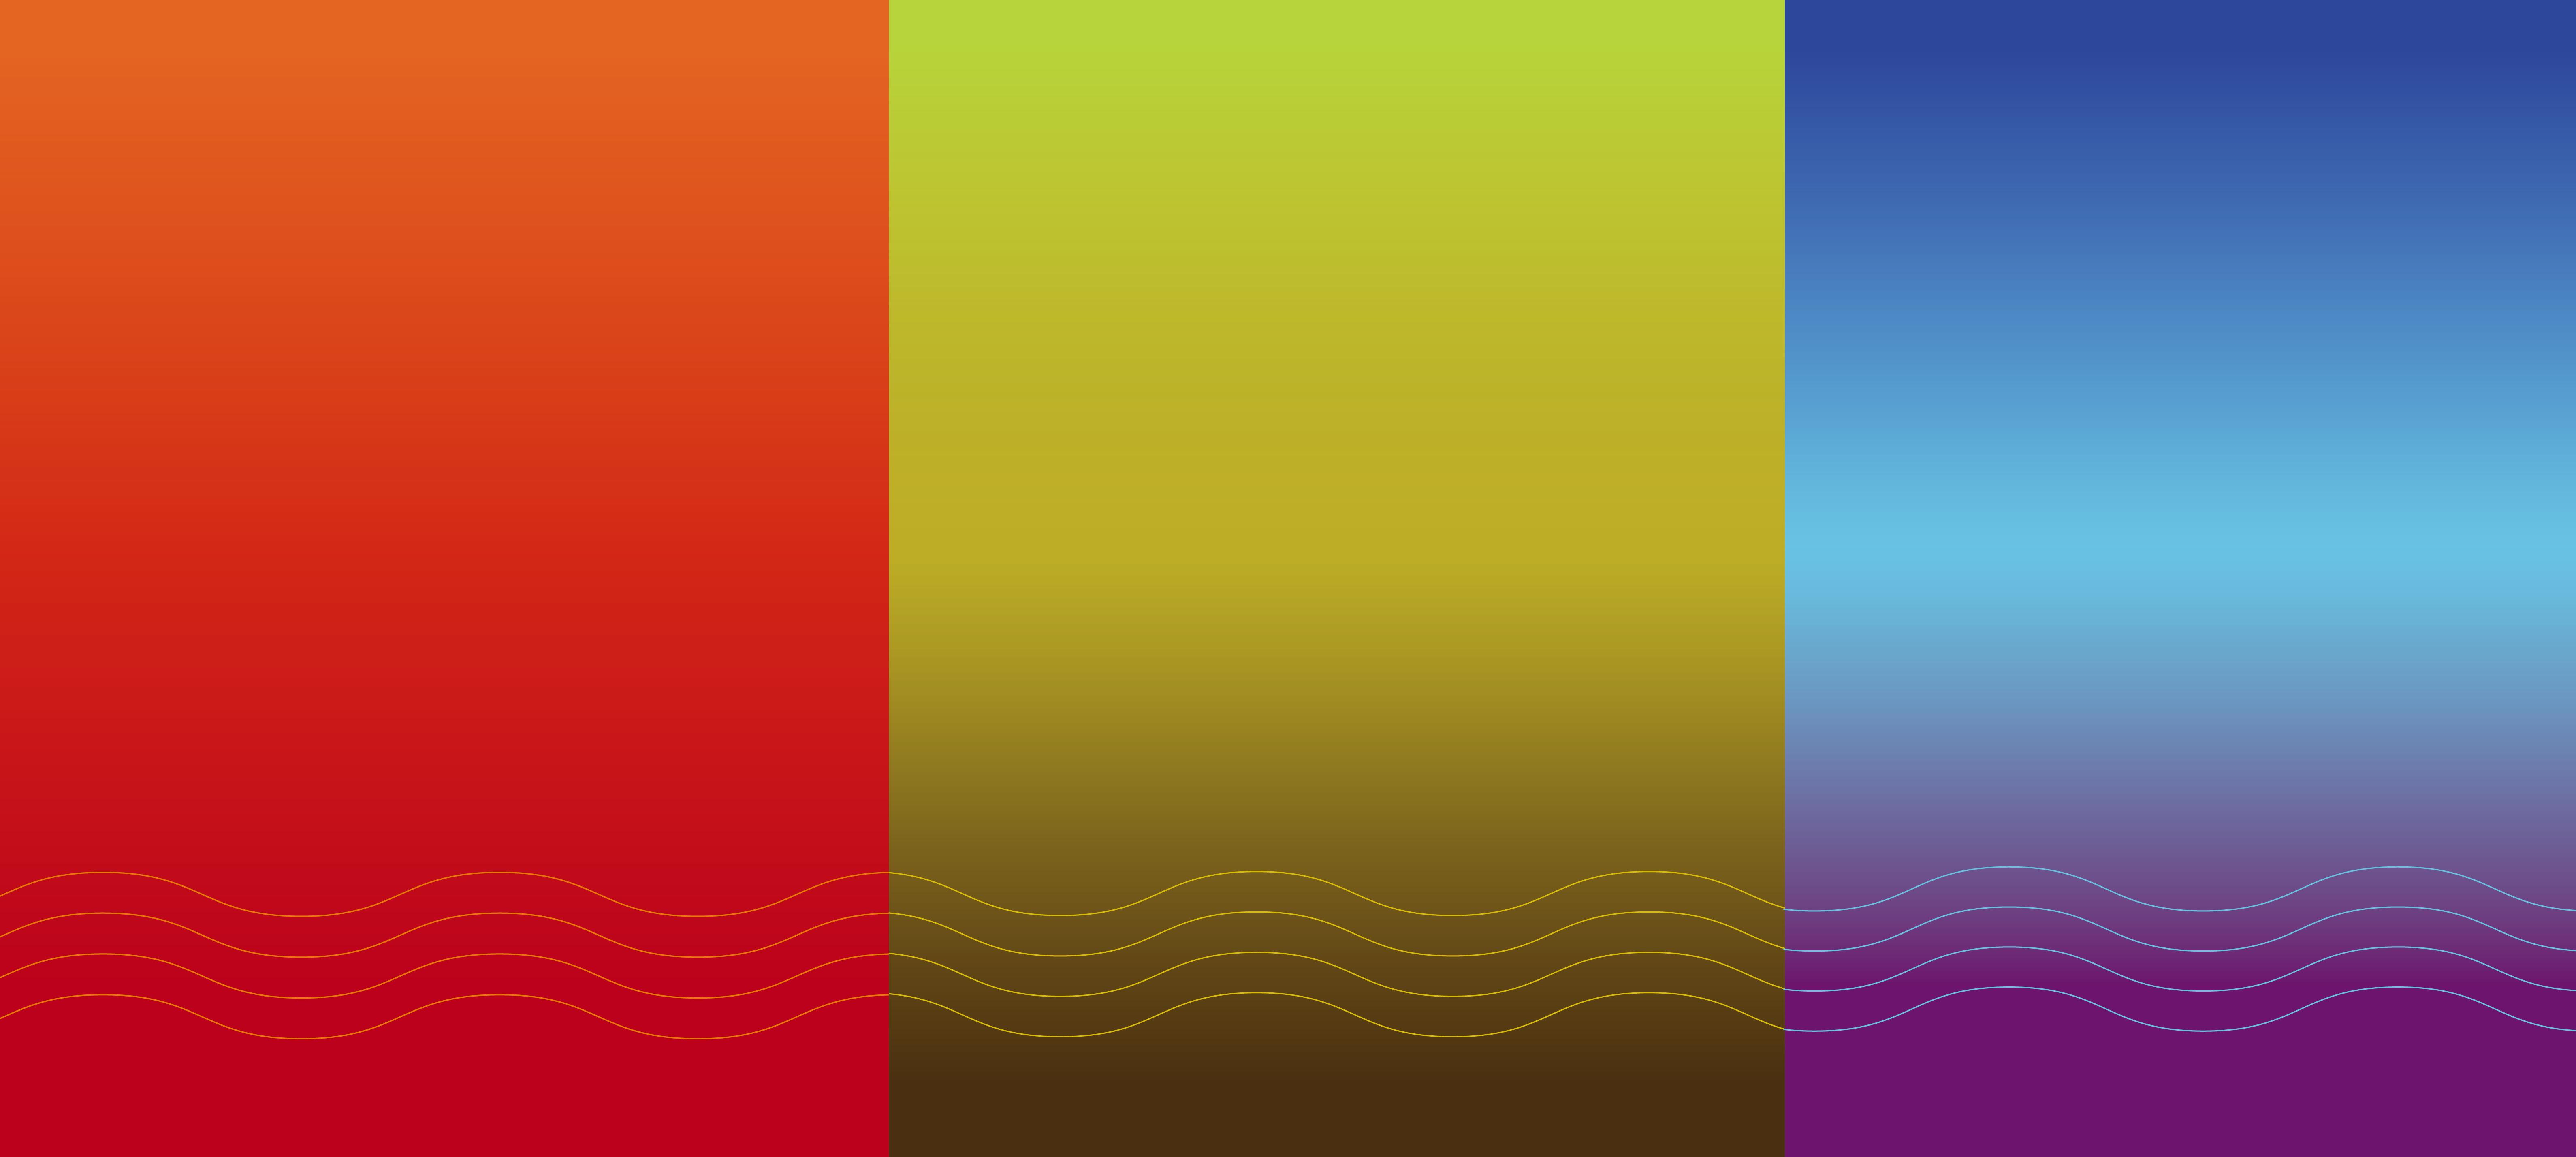 textures-08